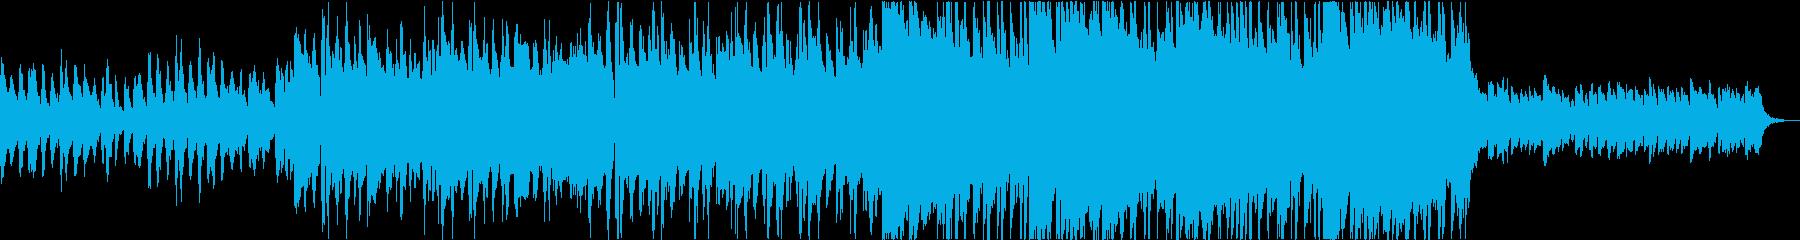 ピアノとストリングスが印象的なポップスの再生済みの波形